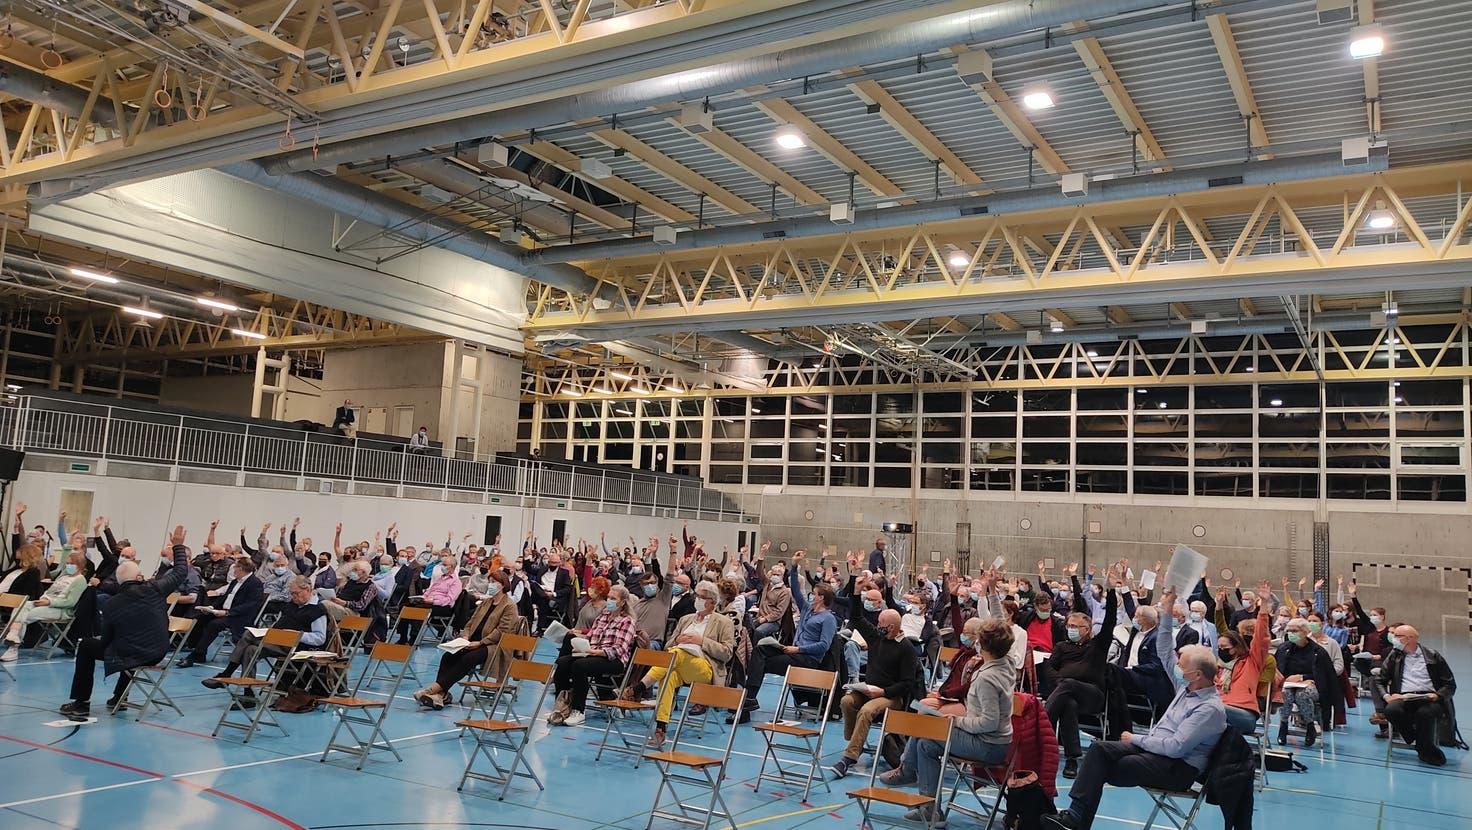 Der Entscheid fiel mit einer komfortablen Zwei-Drittels-Mehrheit: Die Ortsbürger bieten das Zeughaus-Areal dem Kanton im Baurecht für eine Kantonsschule an. (Valérie Jost)